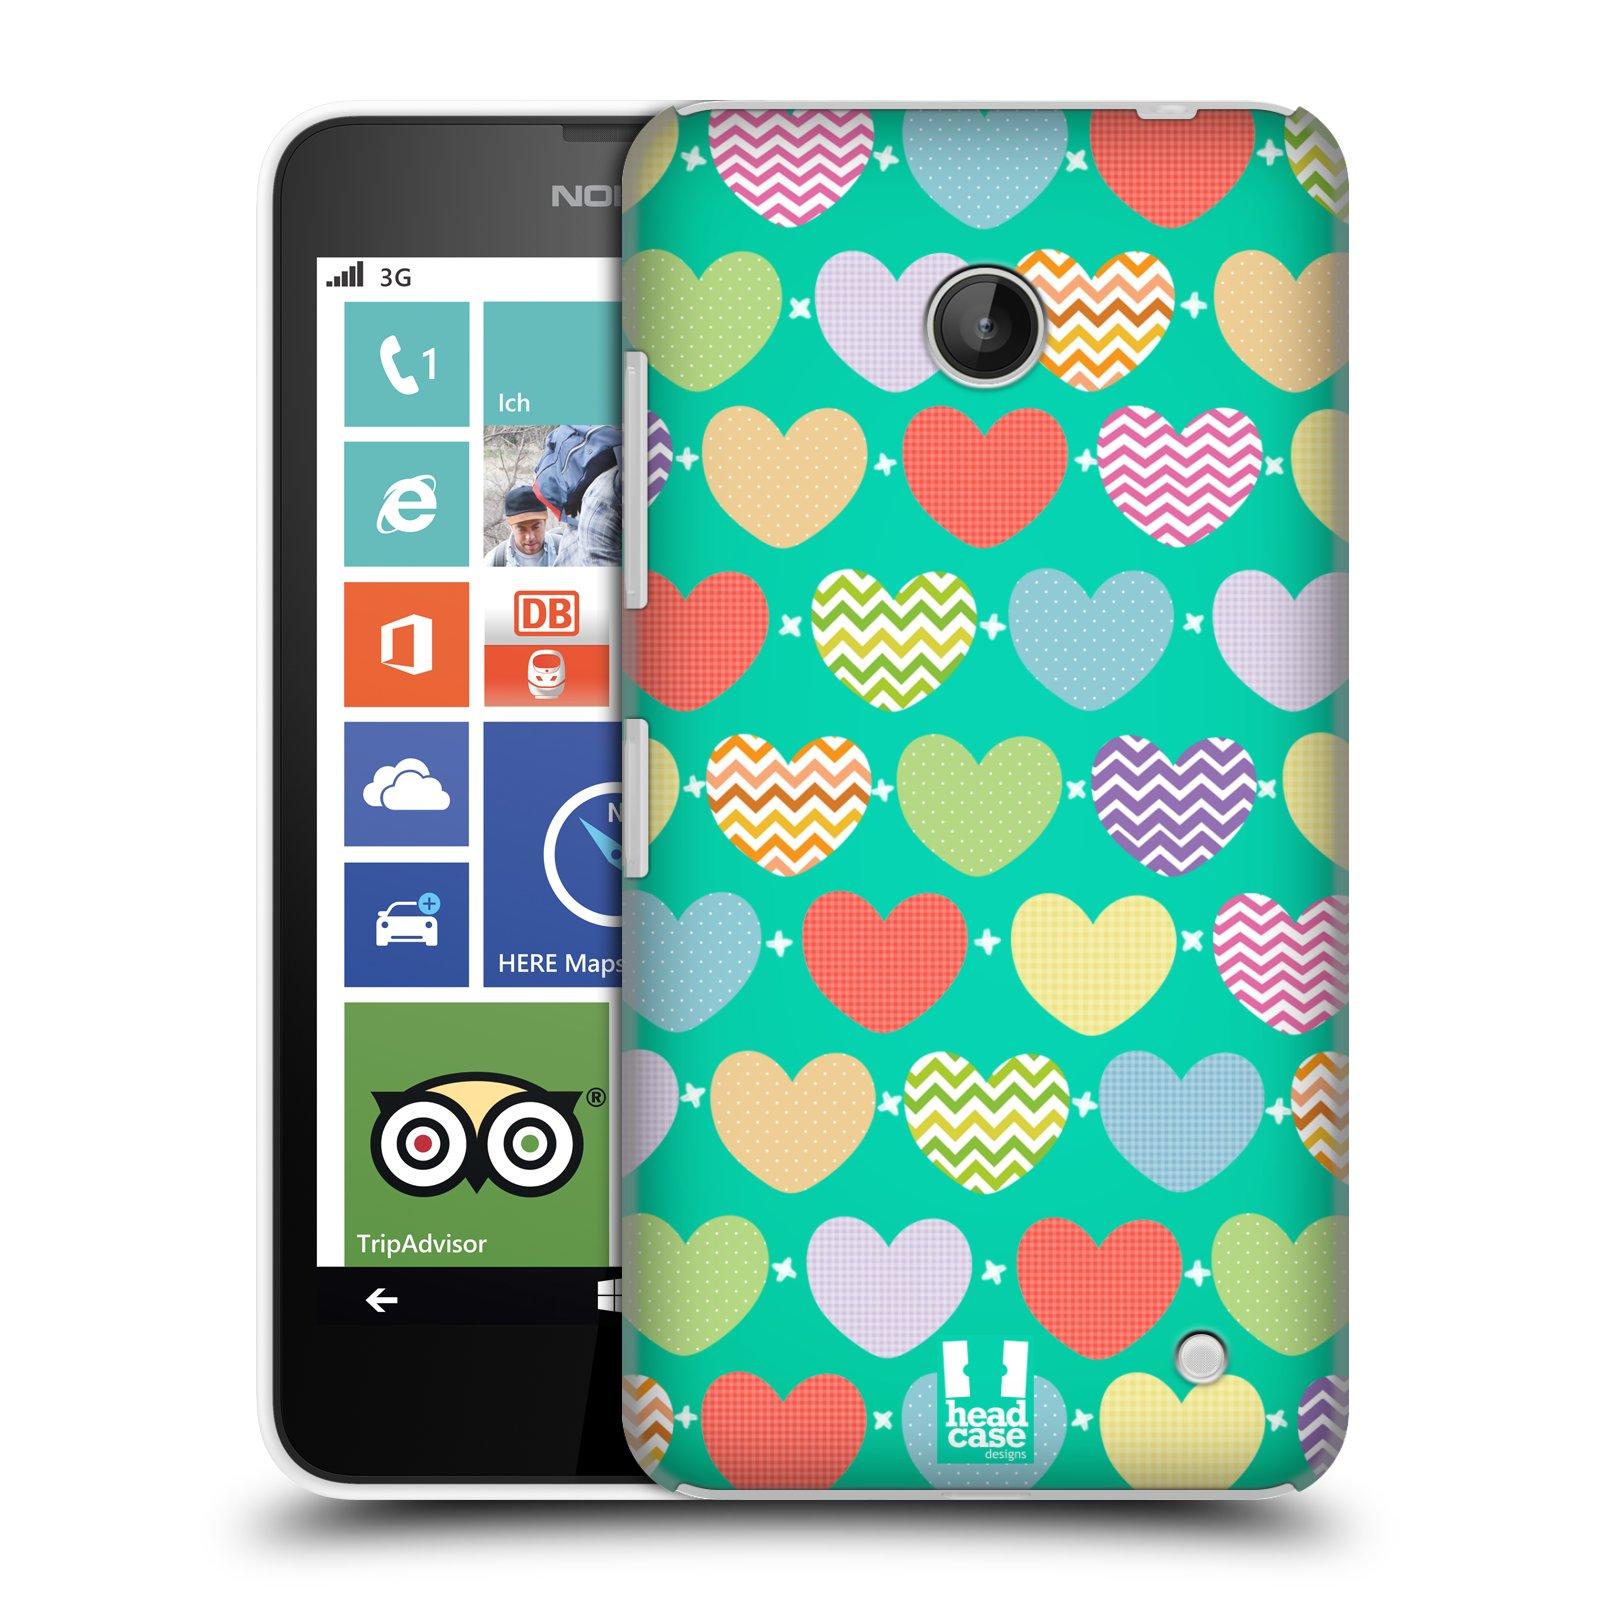 Plastové pouzdro na mobil Nokia Lumia 630 HEAD CASE SRDÍČKA NA ZELENÉ (Kryt či obal na mobilní telefon Nokia Lumia 630 a Nokia Lumia 630 Dual SIM)